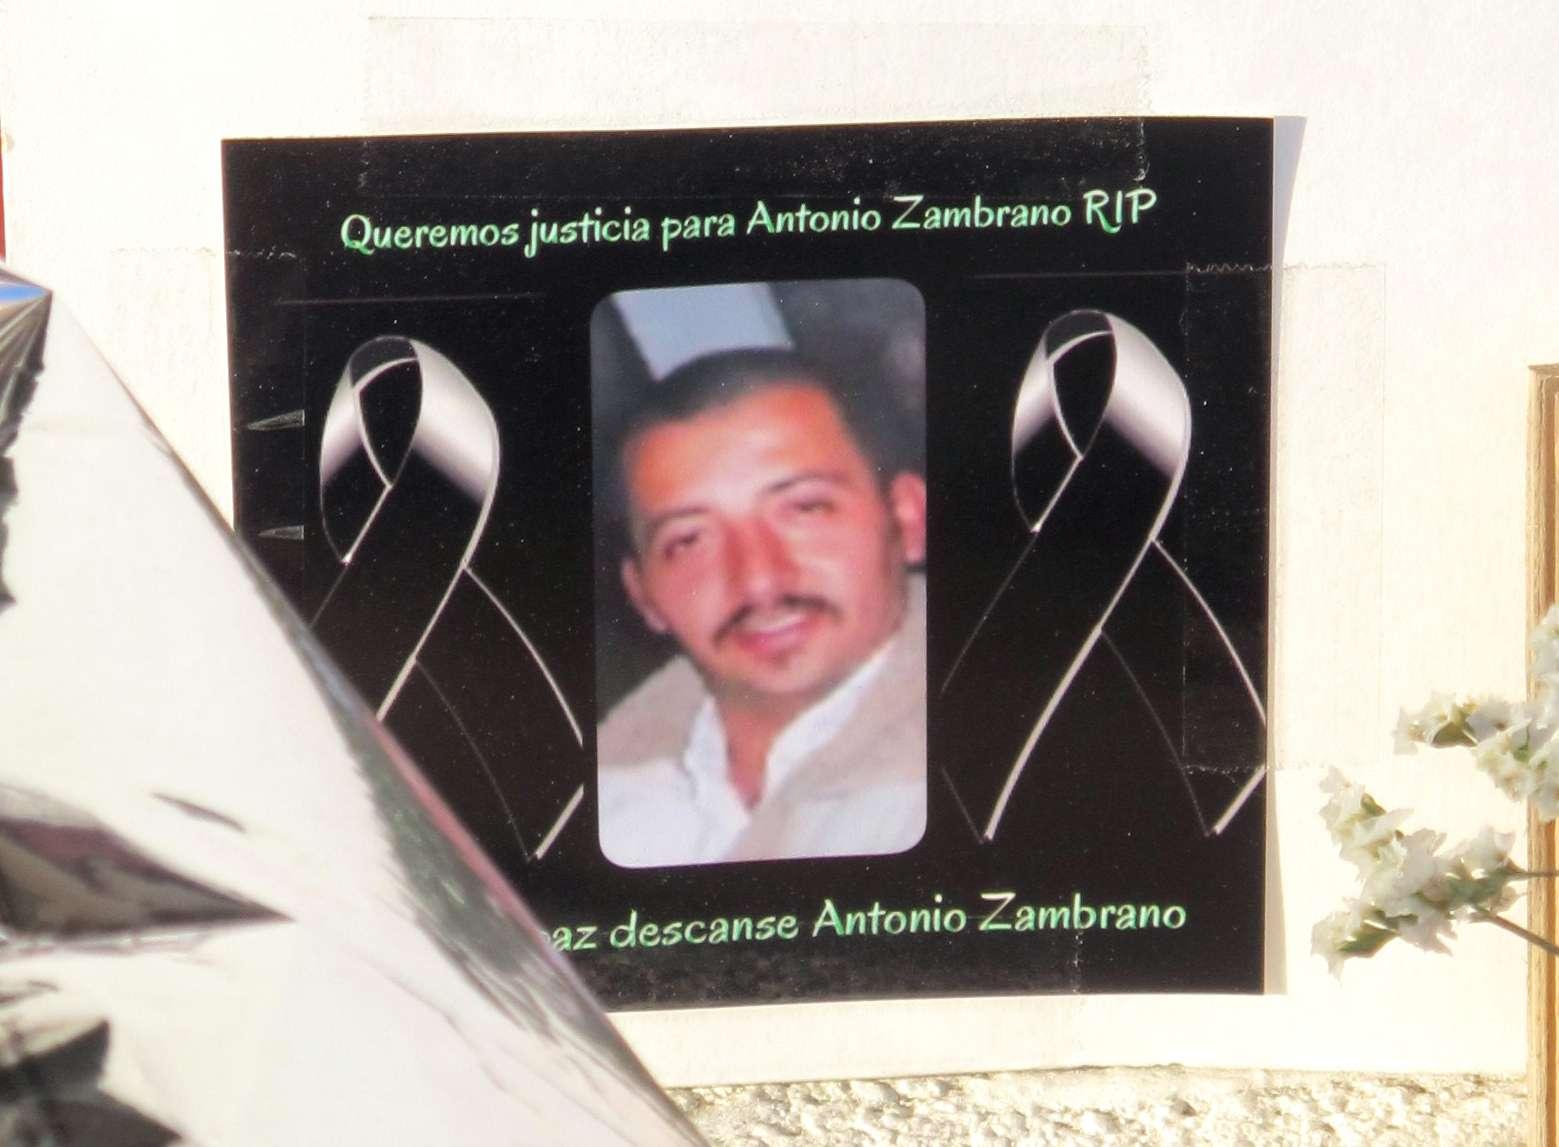 Foto de Antonio Zambrano Montes en un monumento en su memoria levantado en Pasco, Washington, el 19 de febrero del 2015. Foto: AP en español